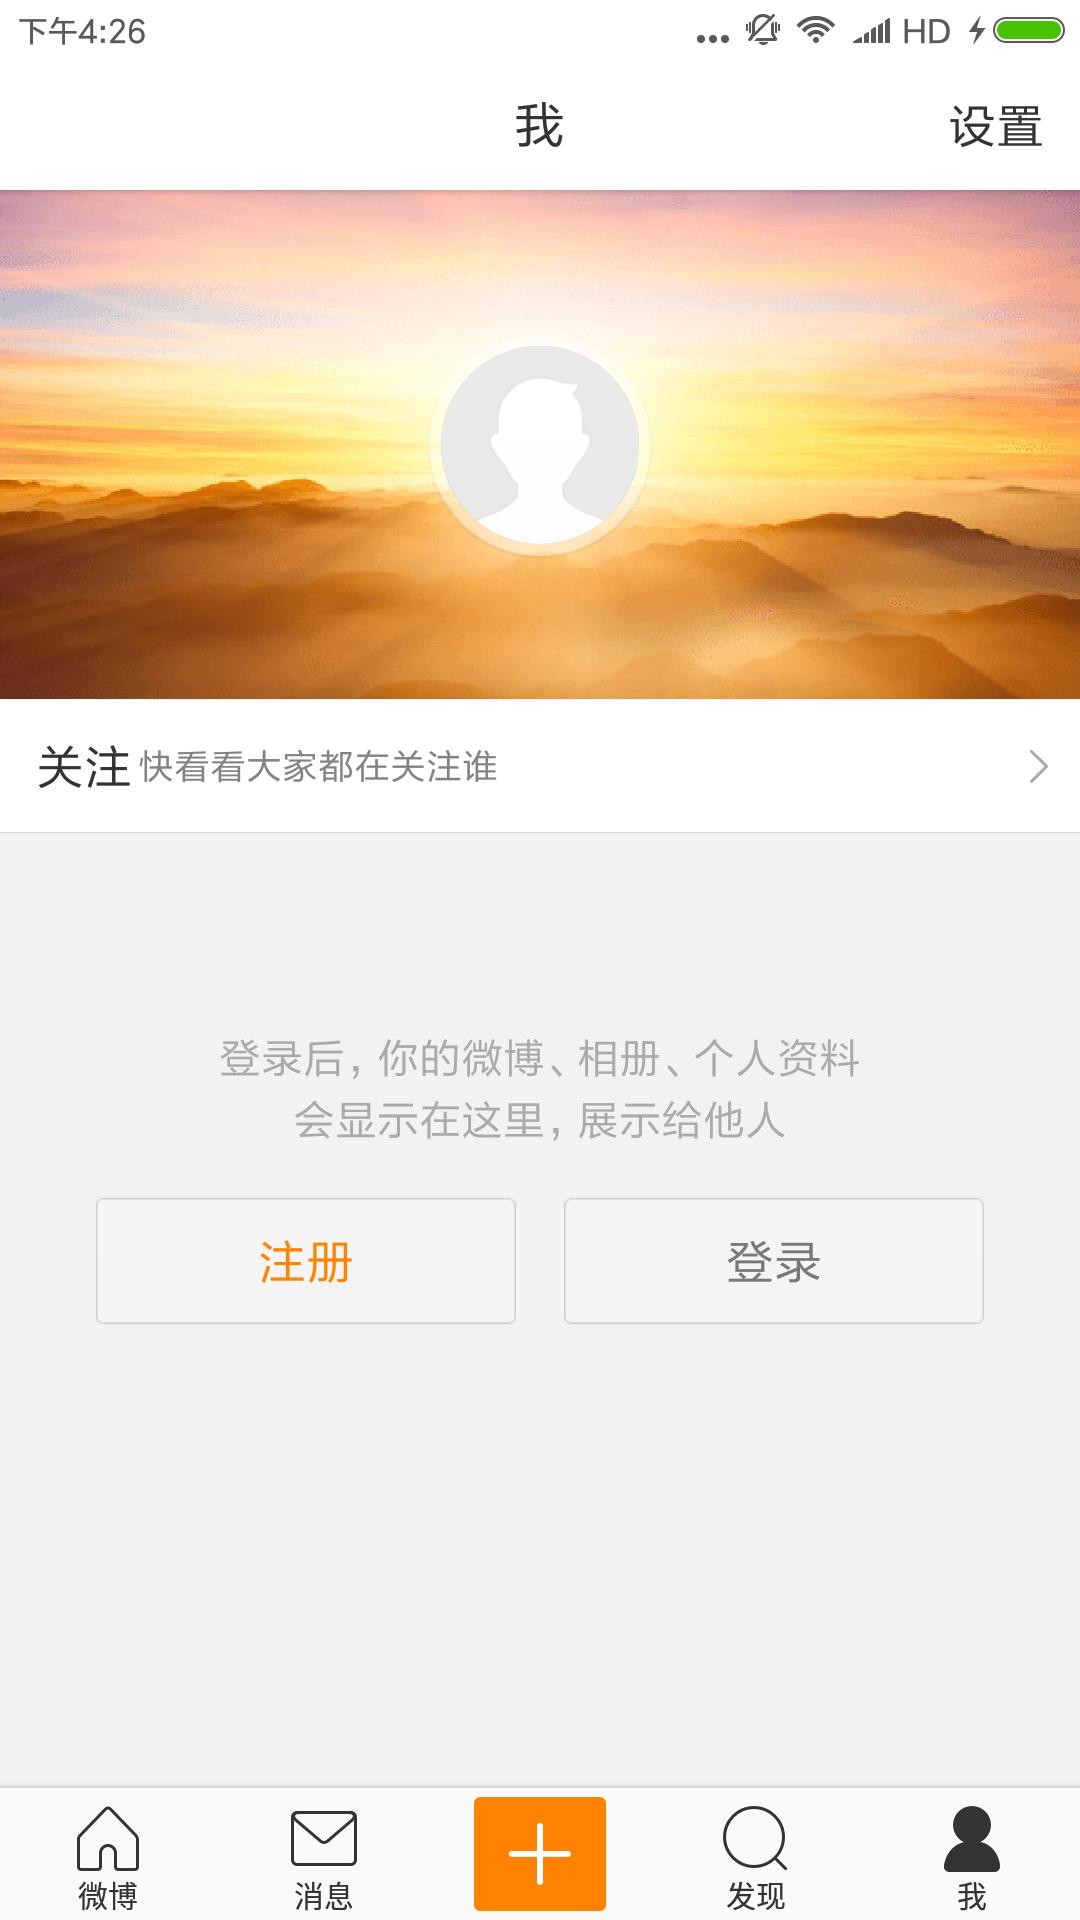 新浪微博怎么注册?新浪微博app注册方法教程介绍[多图]